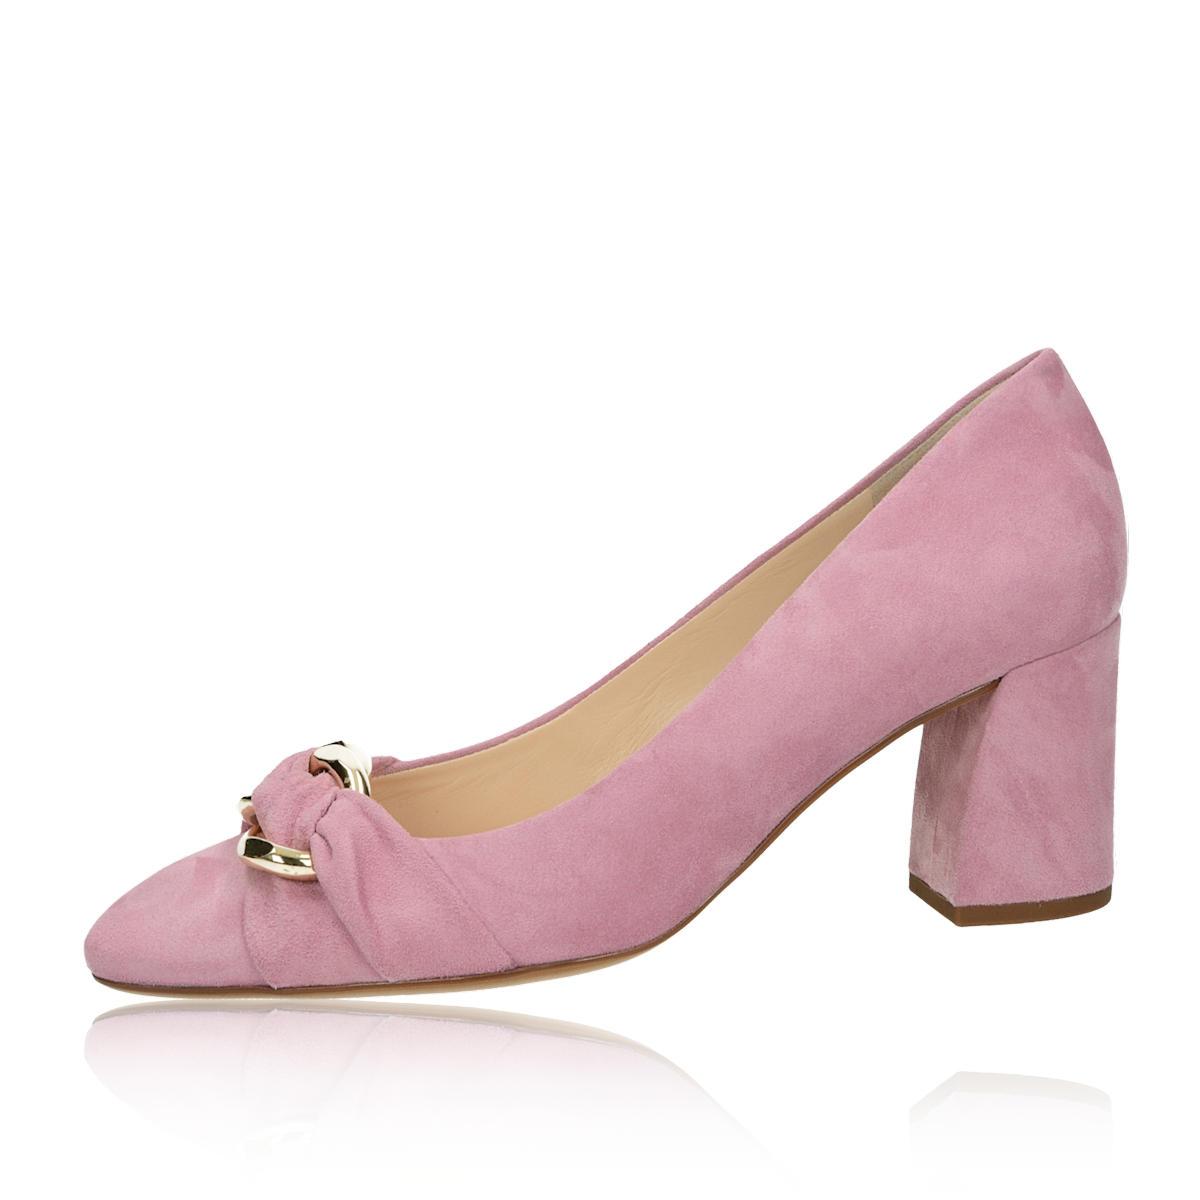 Högl dámské semišové lodičky - růžové